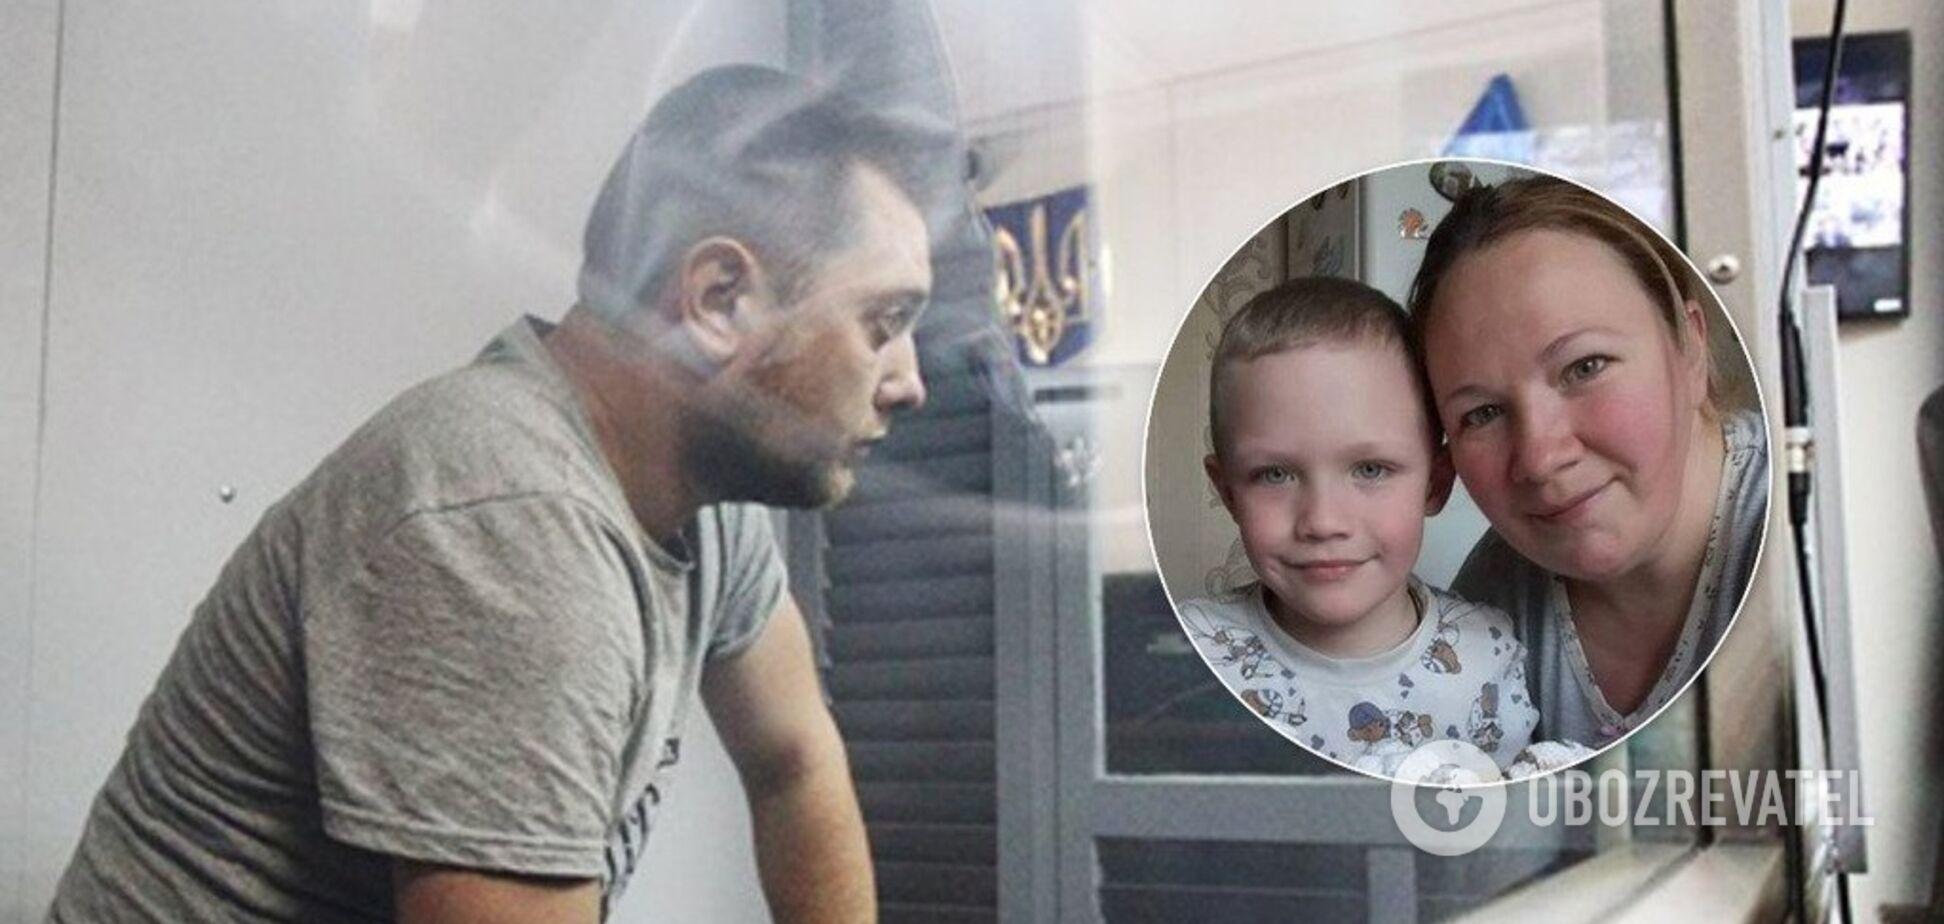 Убивство 5-річного хлопчика під Києвом: дружина копа виступила з цинічною заявою